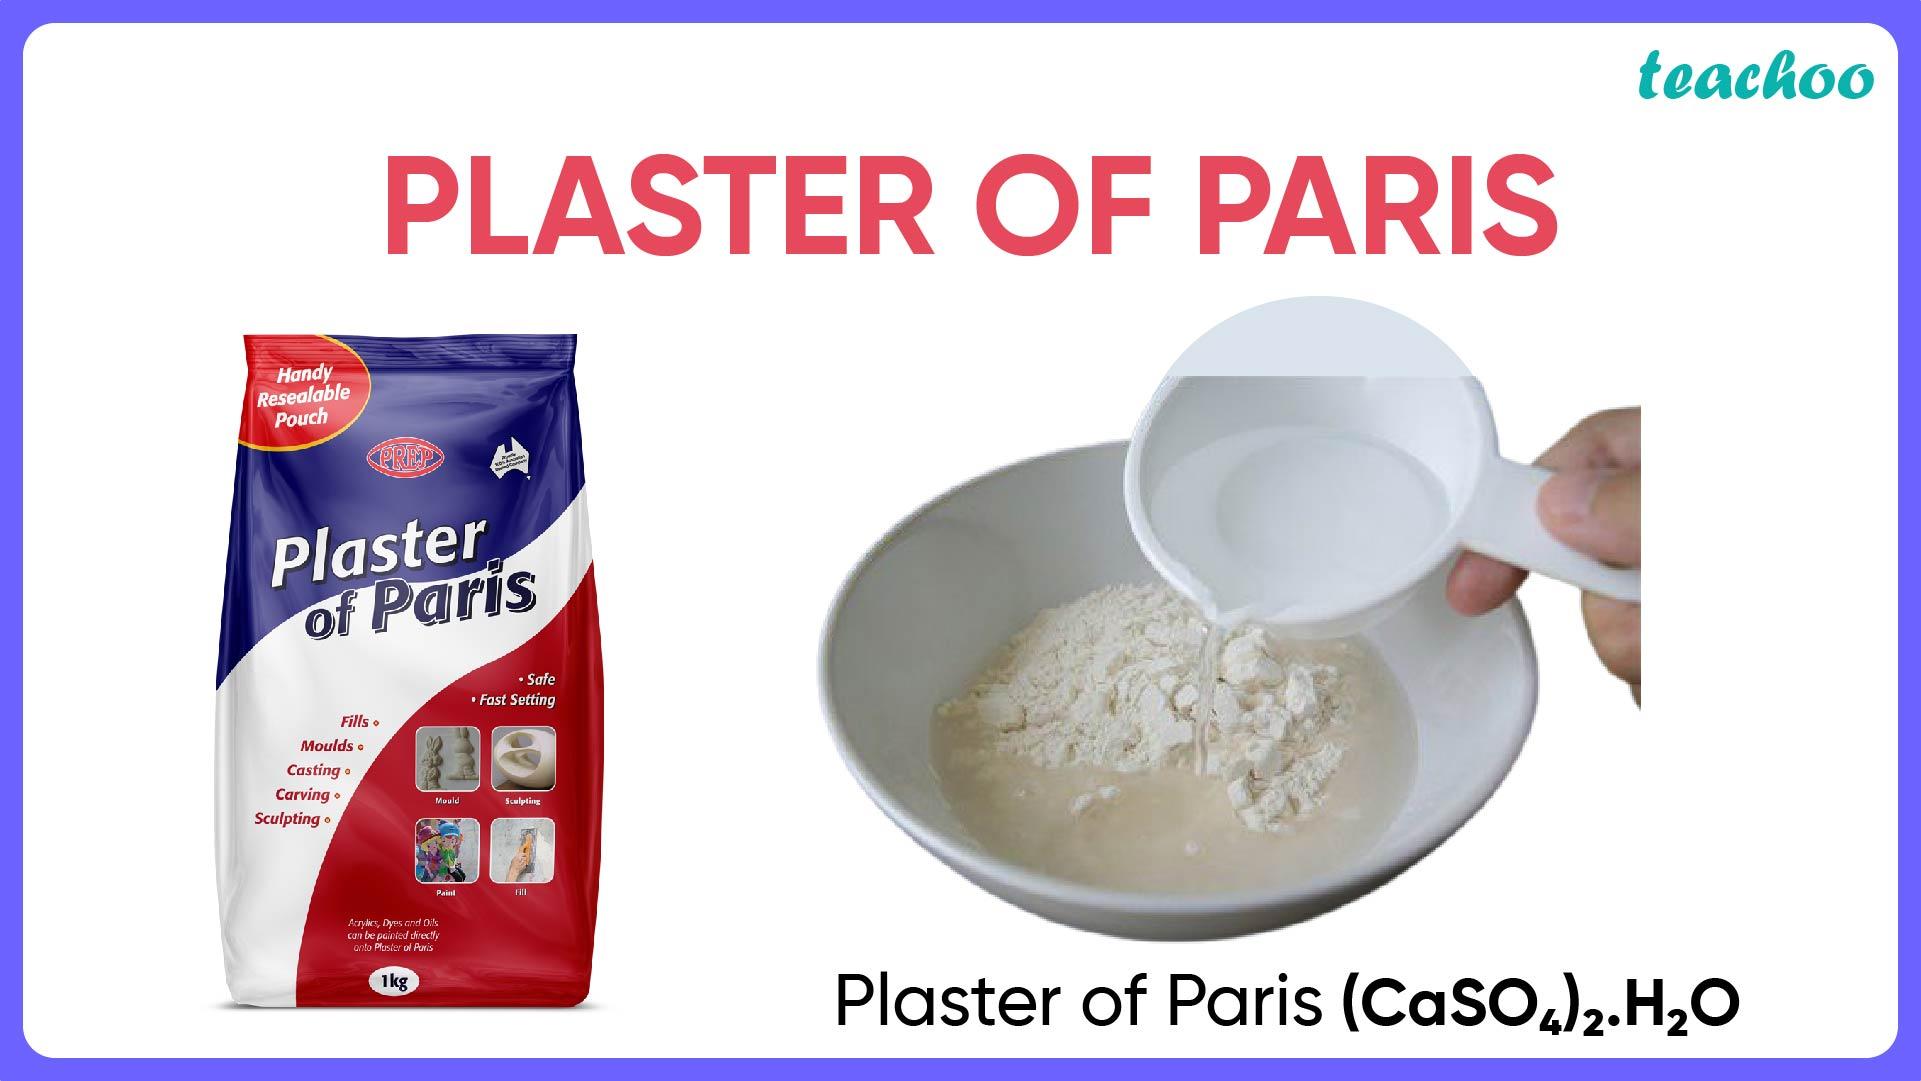 Plaster of Paris-Teachoo.jpg